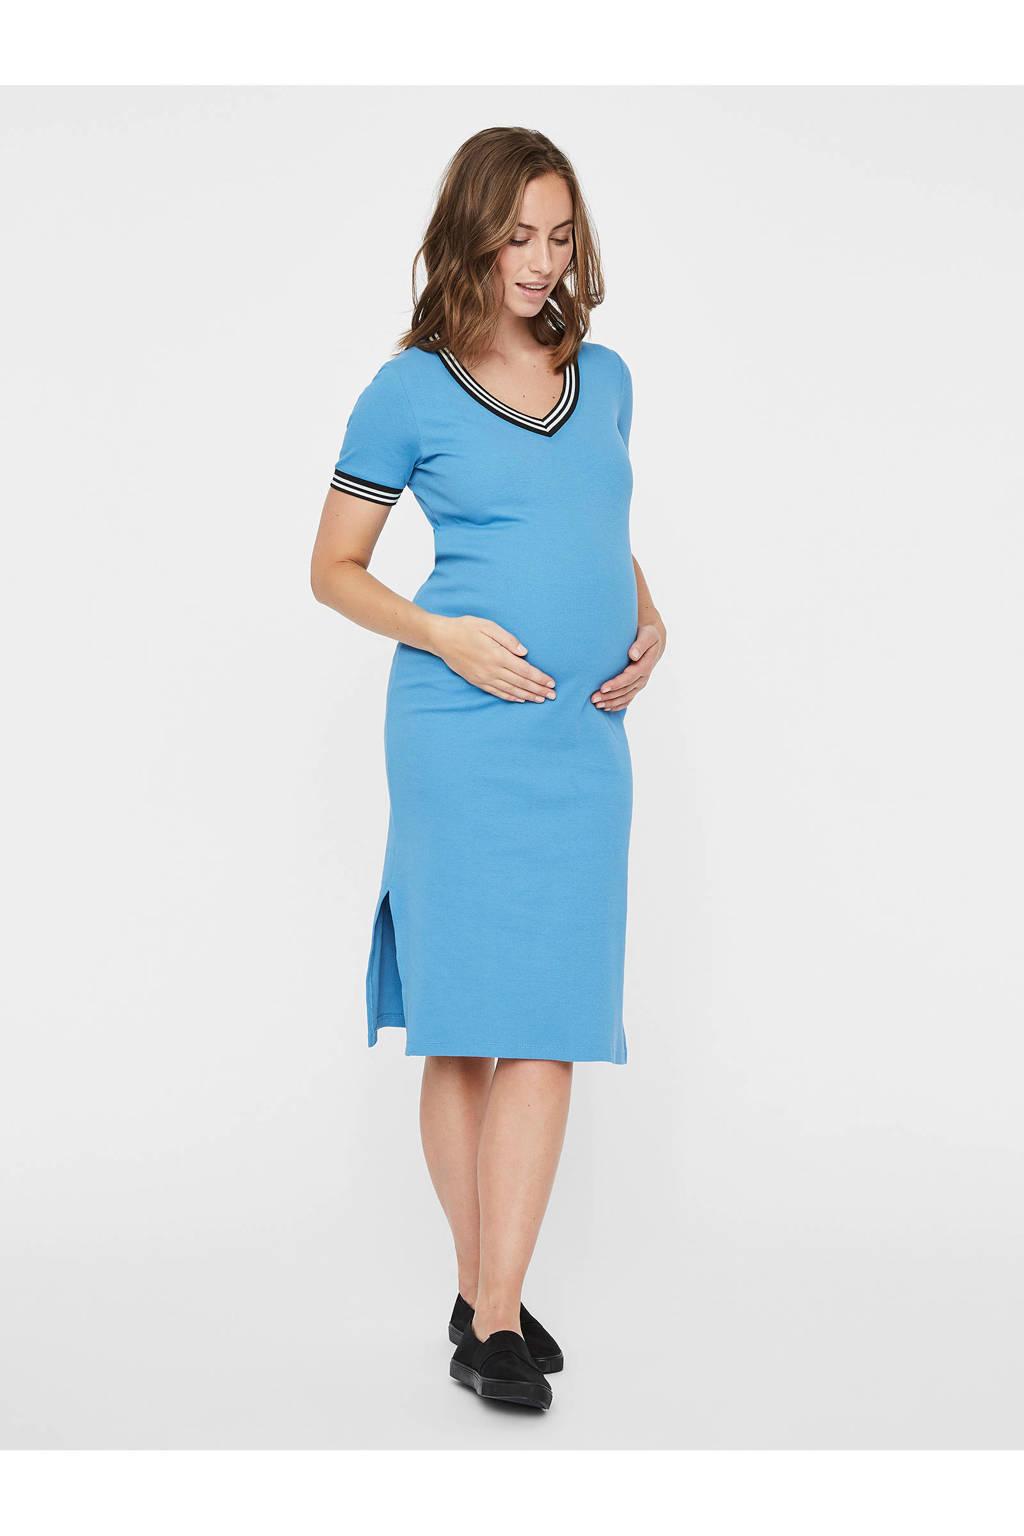 MAMALICIOUS zwangerschapsjurk met V-hals blauw, Blauw